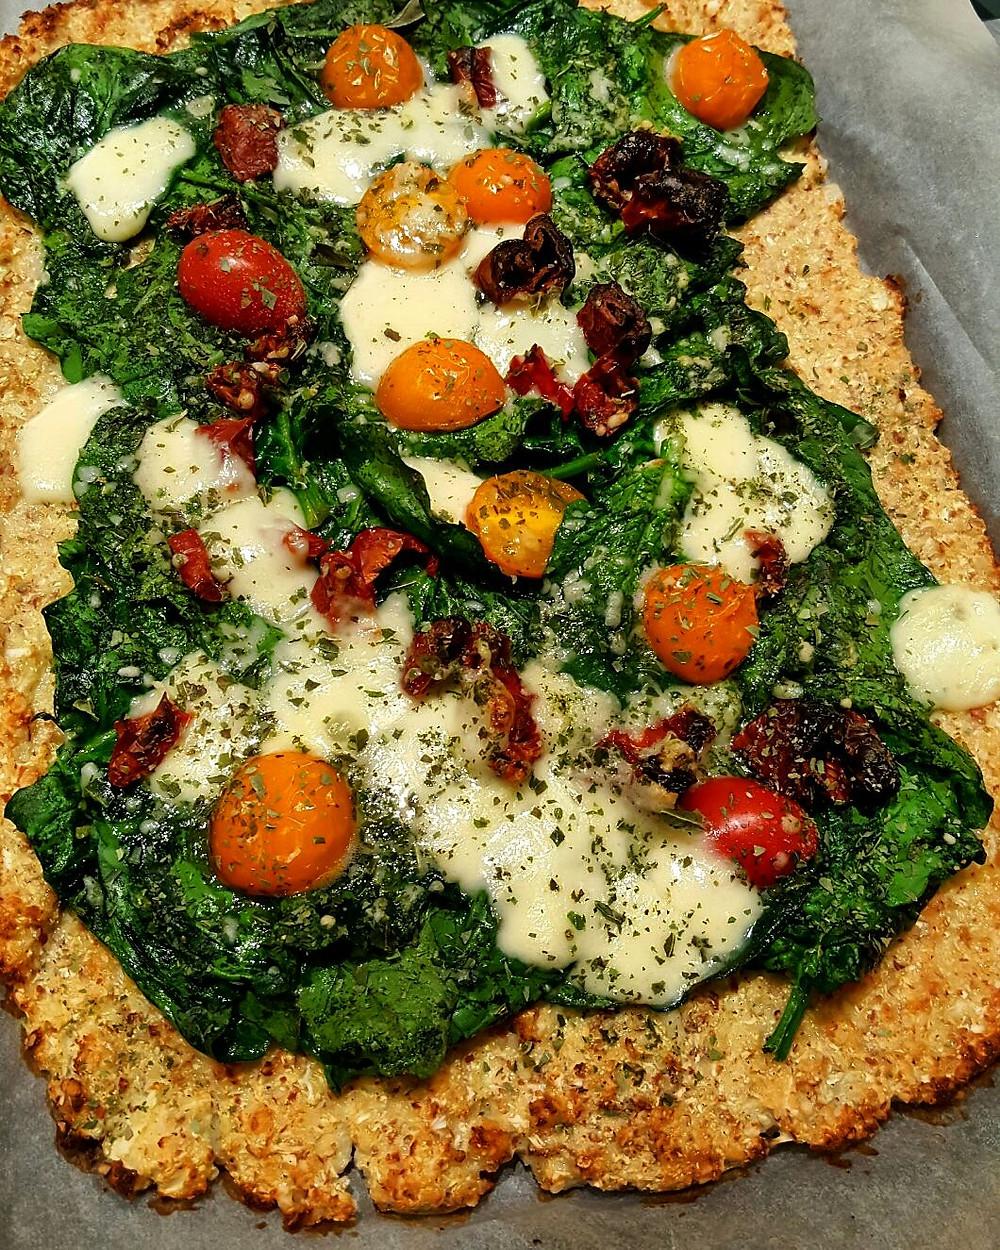 Ernährungsberatung, Ernährungstherapie und Fitnessberatung in Lyss, Fabienne Kobi, Low-Carb-Gemüsepizza